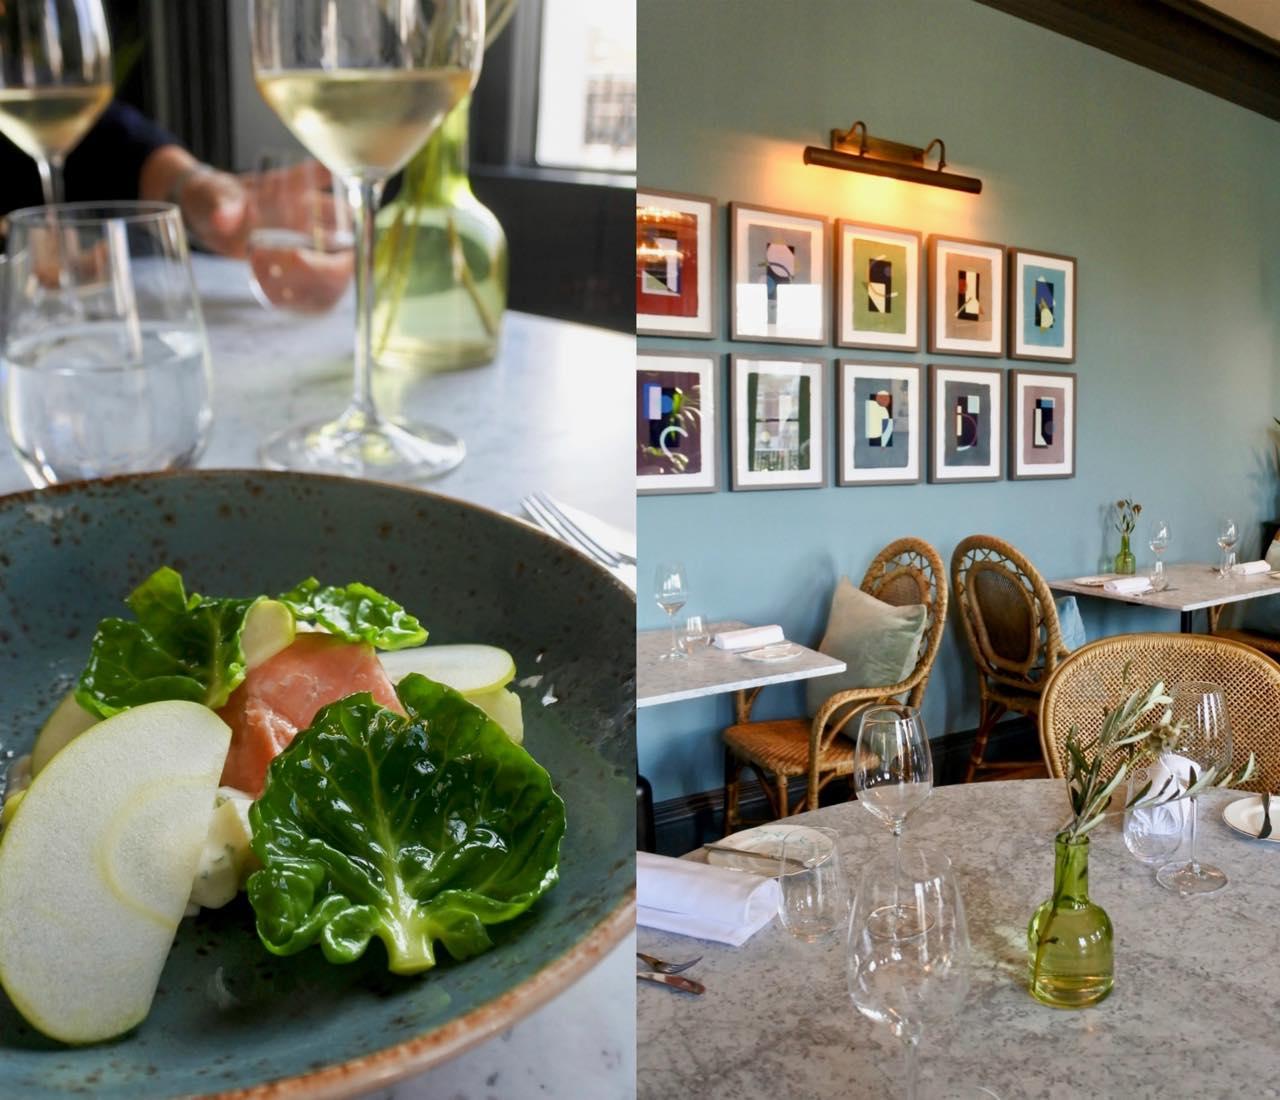 左は前菜の一つで、サーモンのお皿。バランスも良く、とても美味しかったです ^^